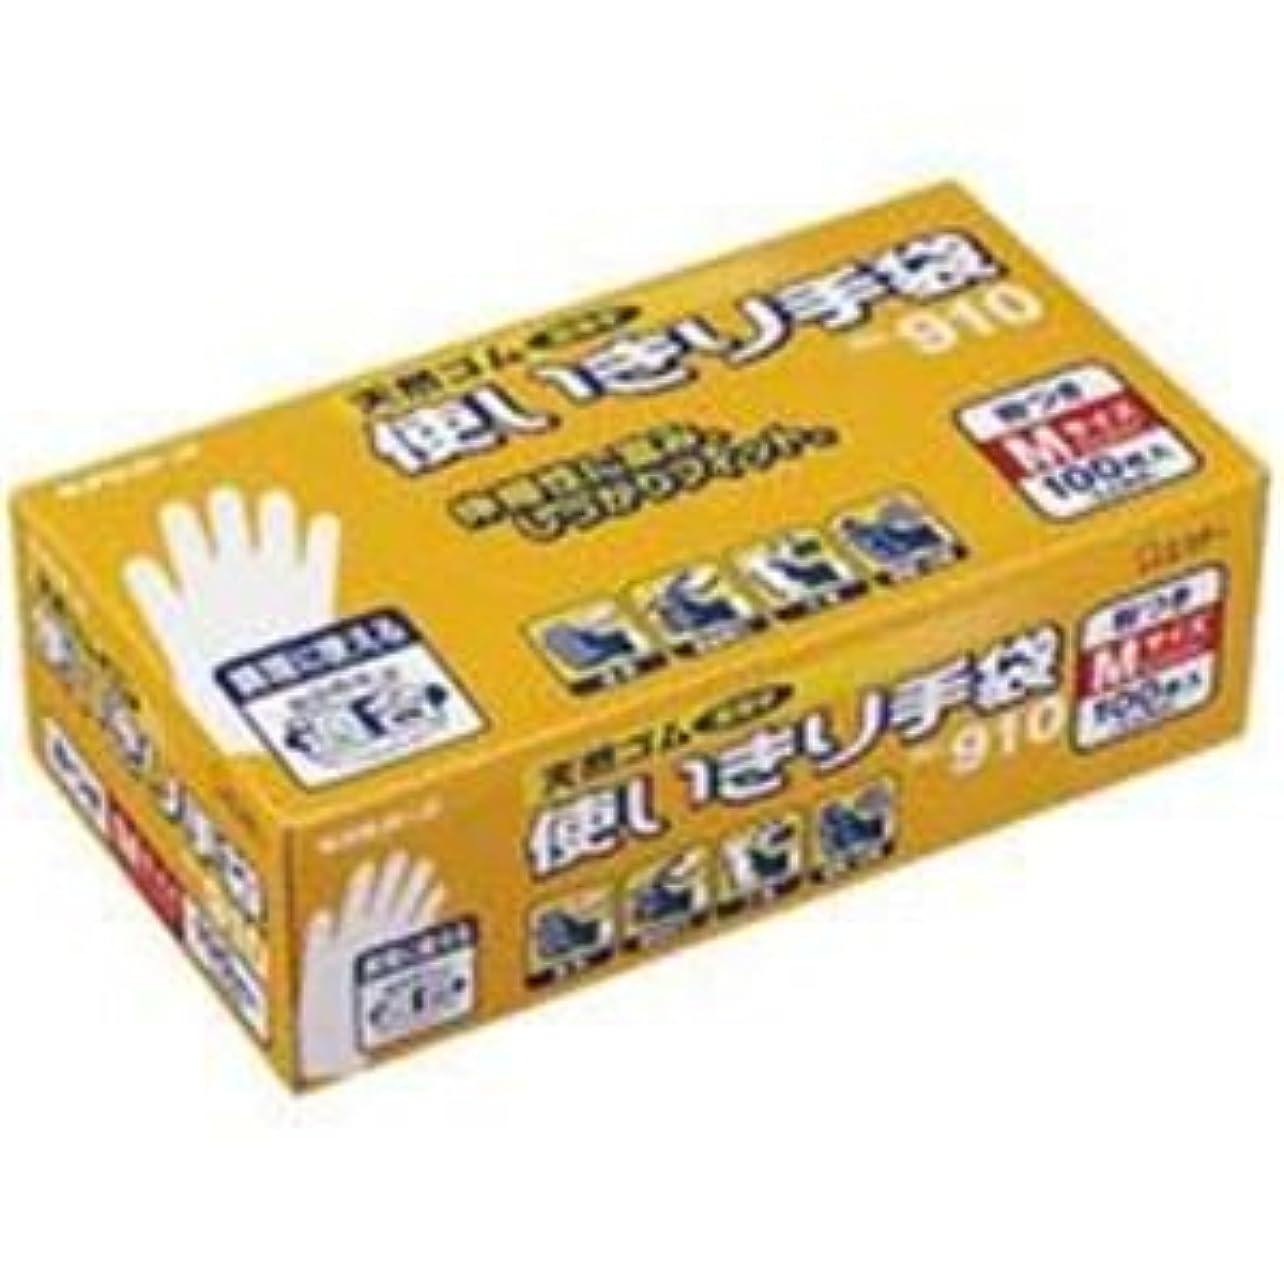 動脈戦闘理解エステー 天然ゴム使い切り手袋 No.910 L 12箱